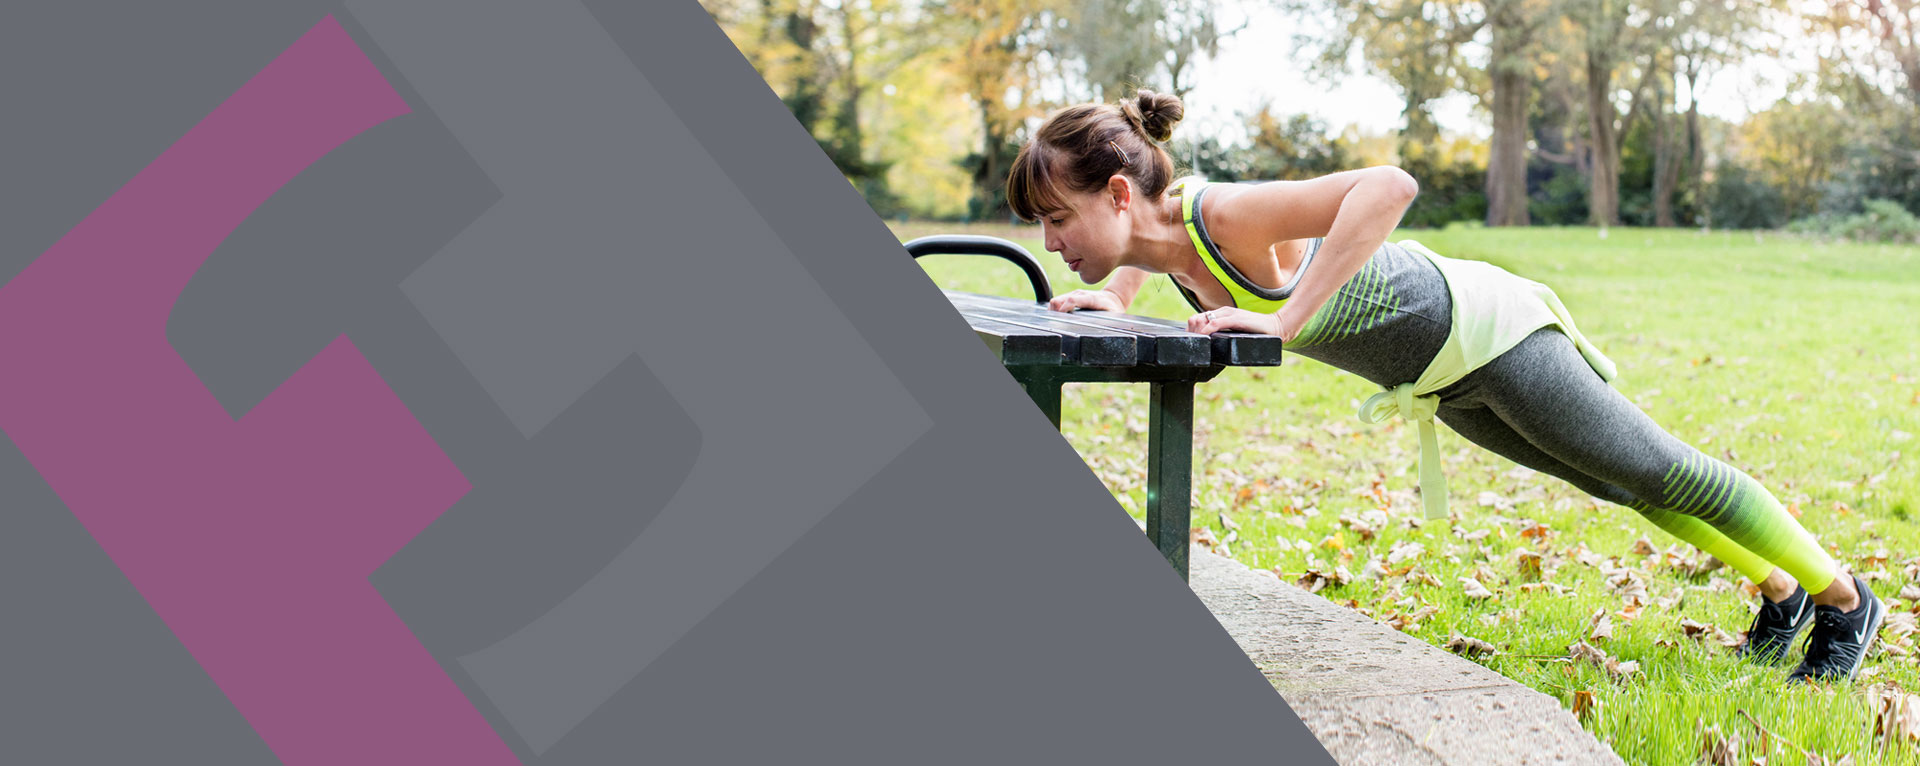 Bespoke workout plan